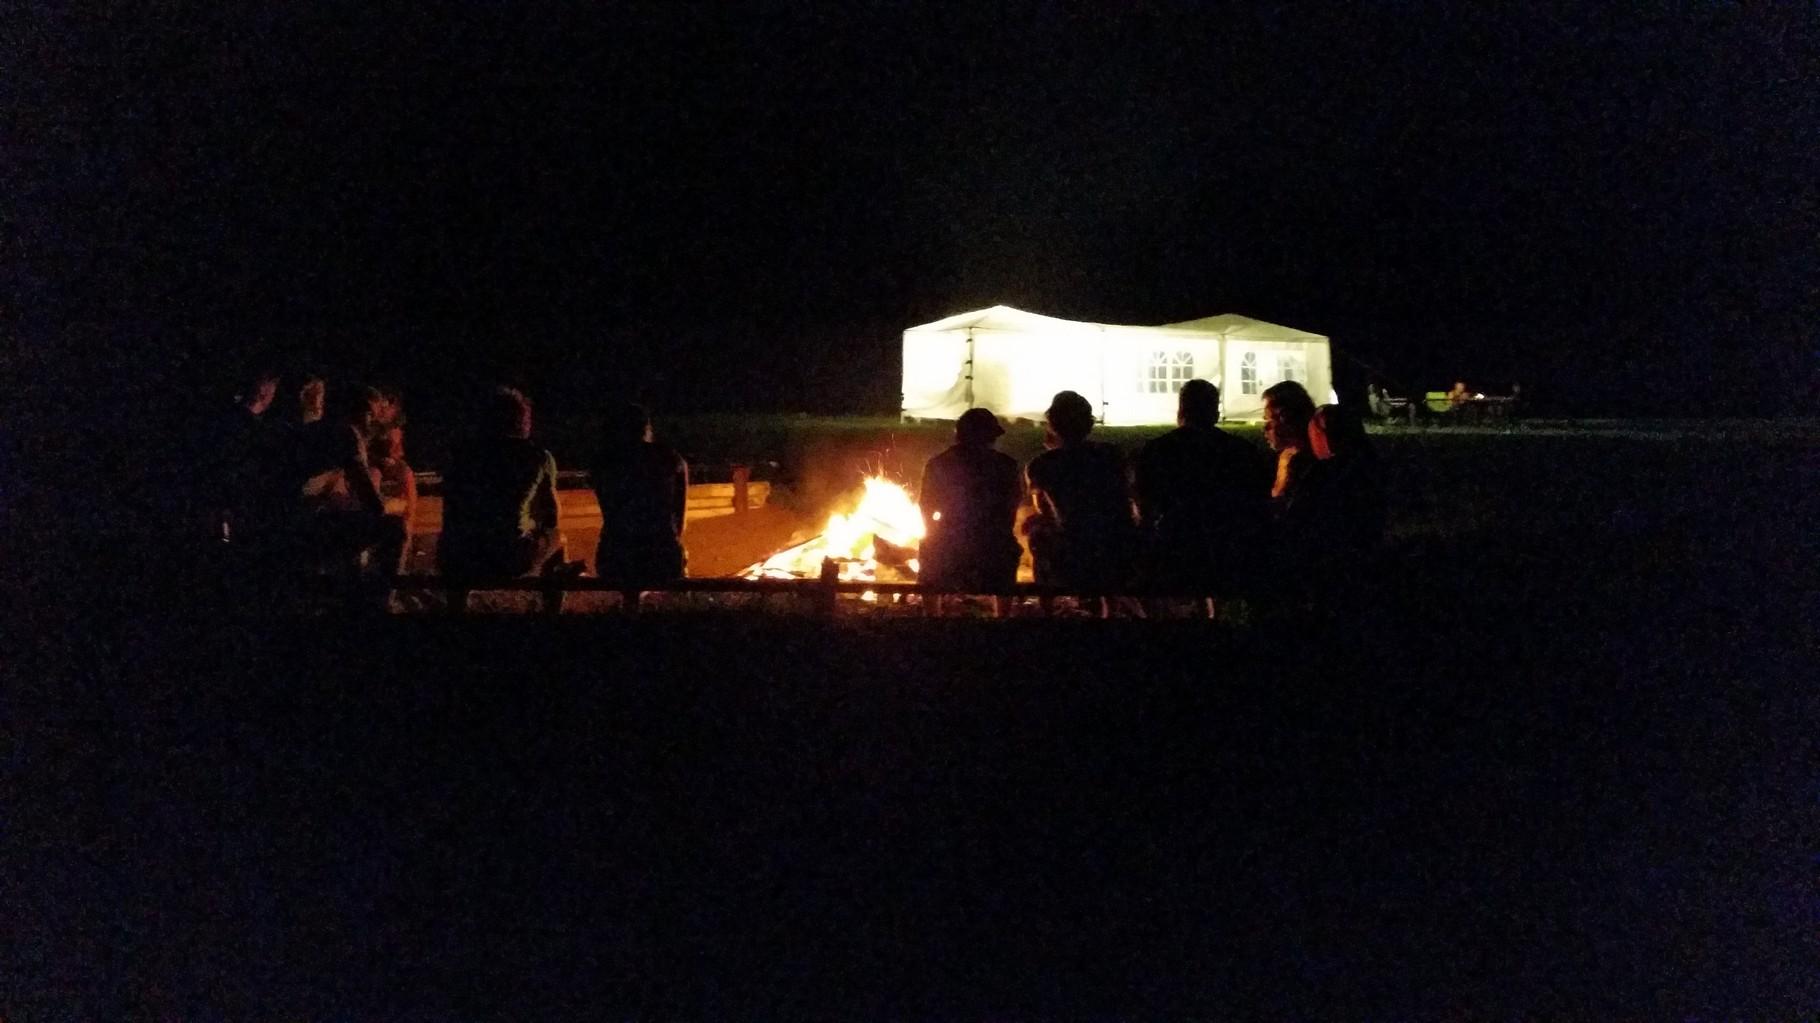 Hier eine Distanzaufnahme von dem Lagerfeuer.